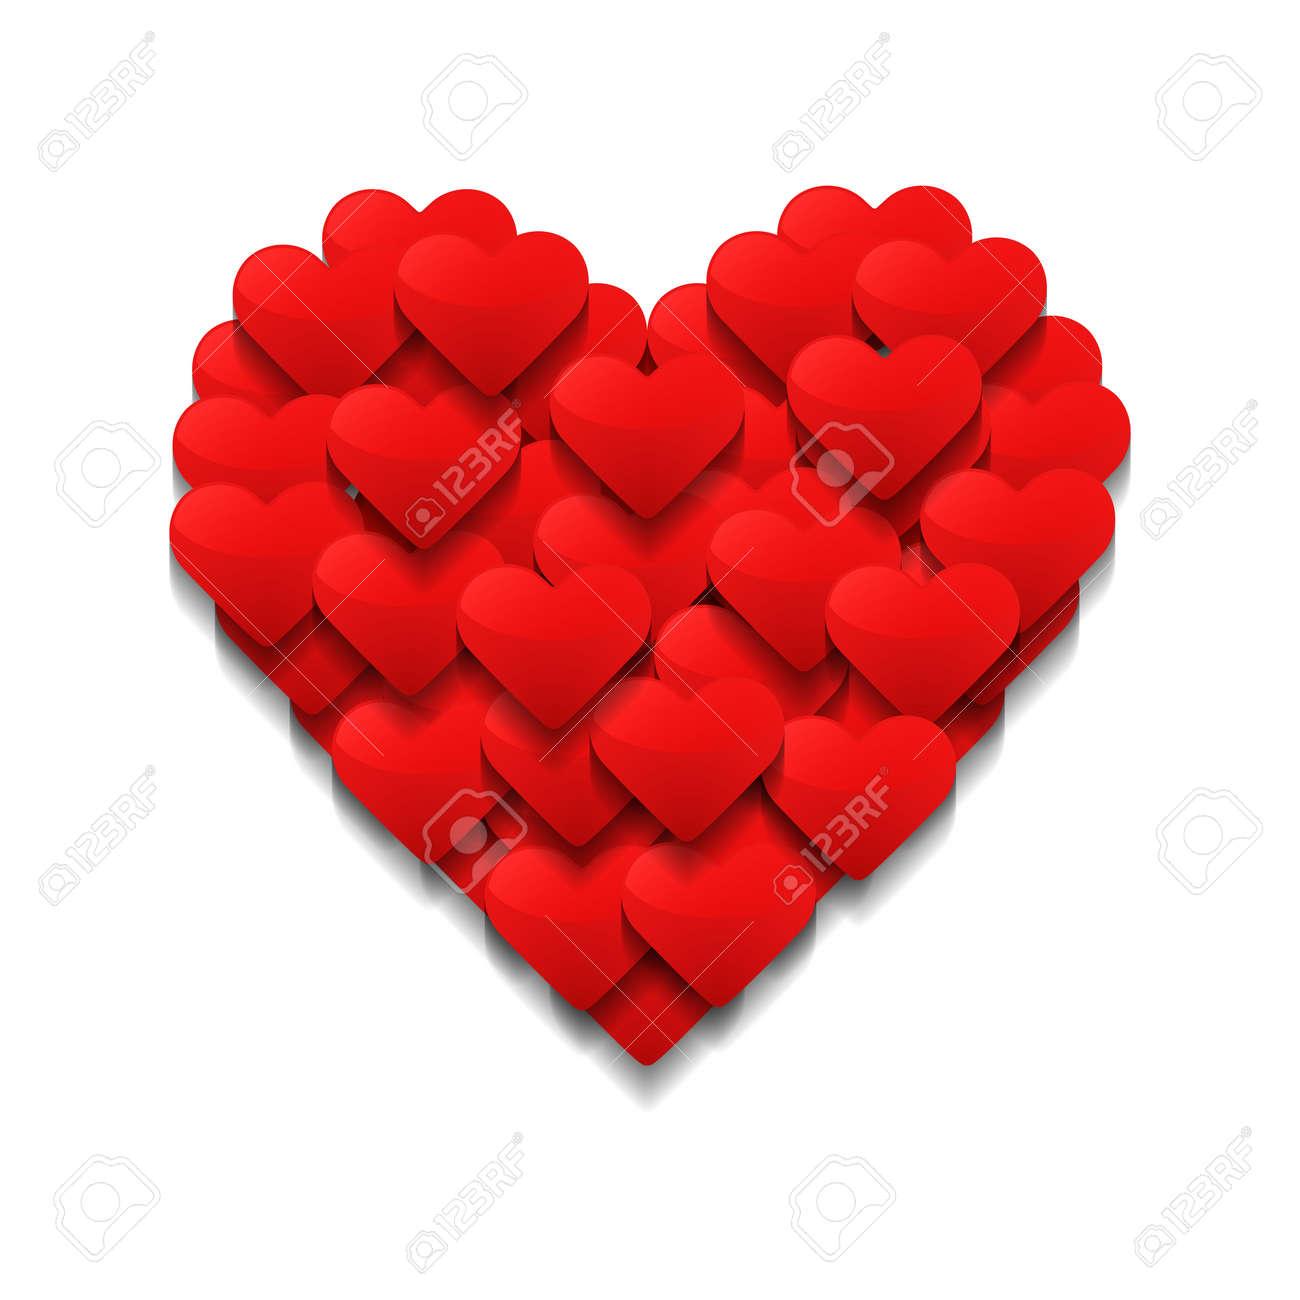 Kleine Herzen Bilden Ein Großes Herz. Valentinstag Konzept. Vektor ...